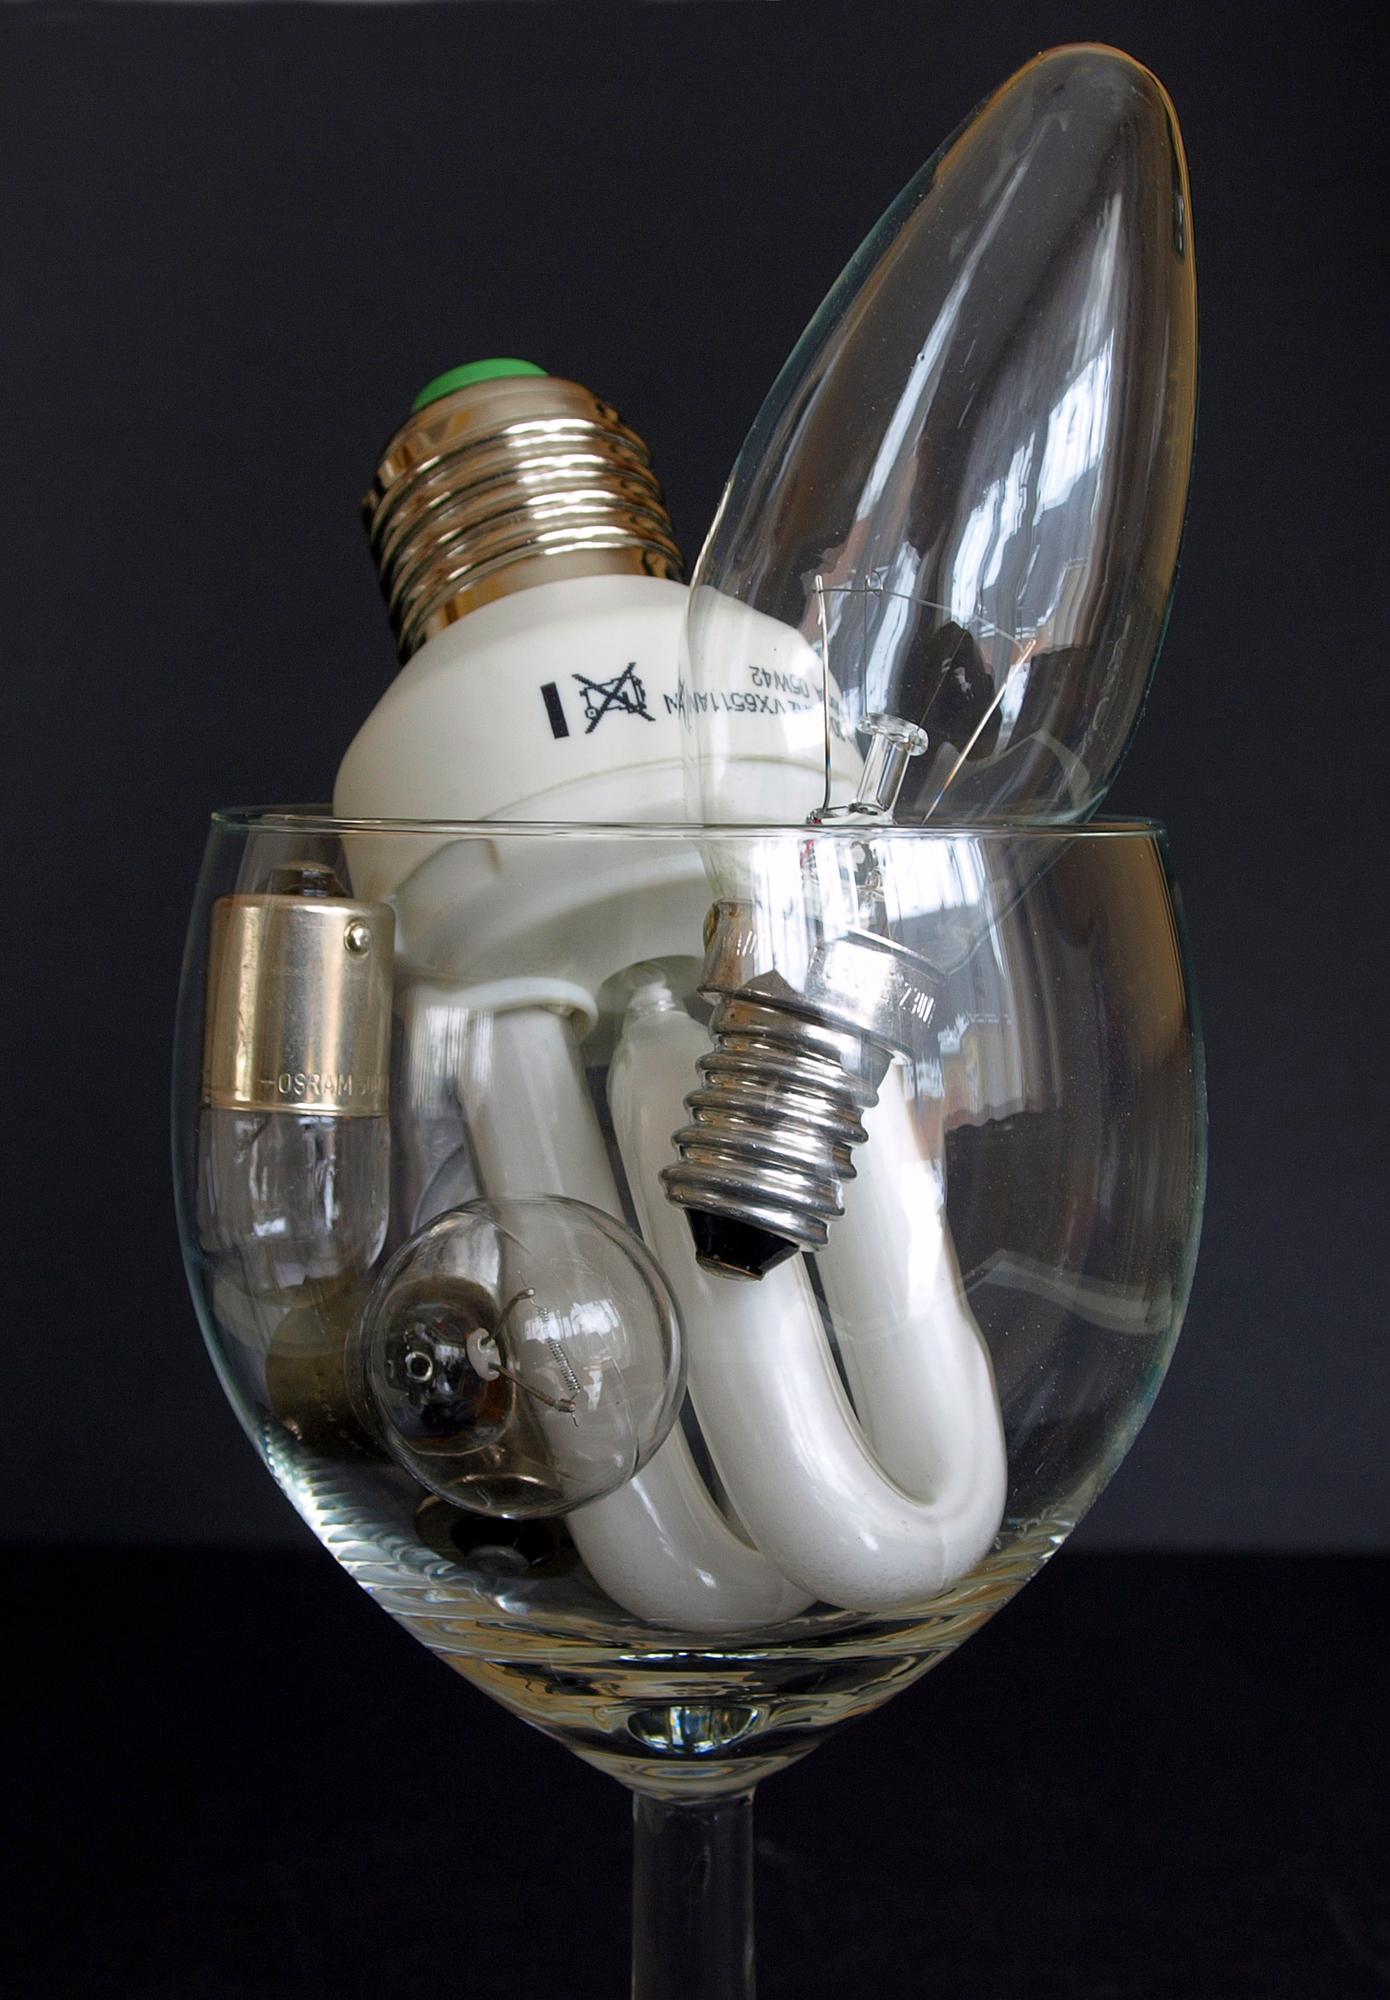 Energiesparlampe & Co.; Foto: Viktor Mildenberger / pixelio.de